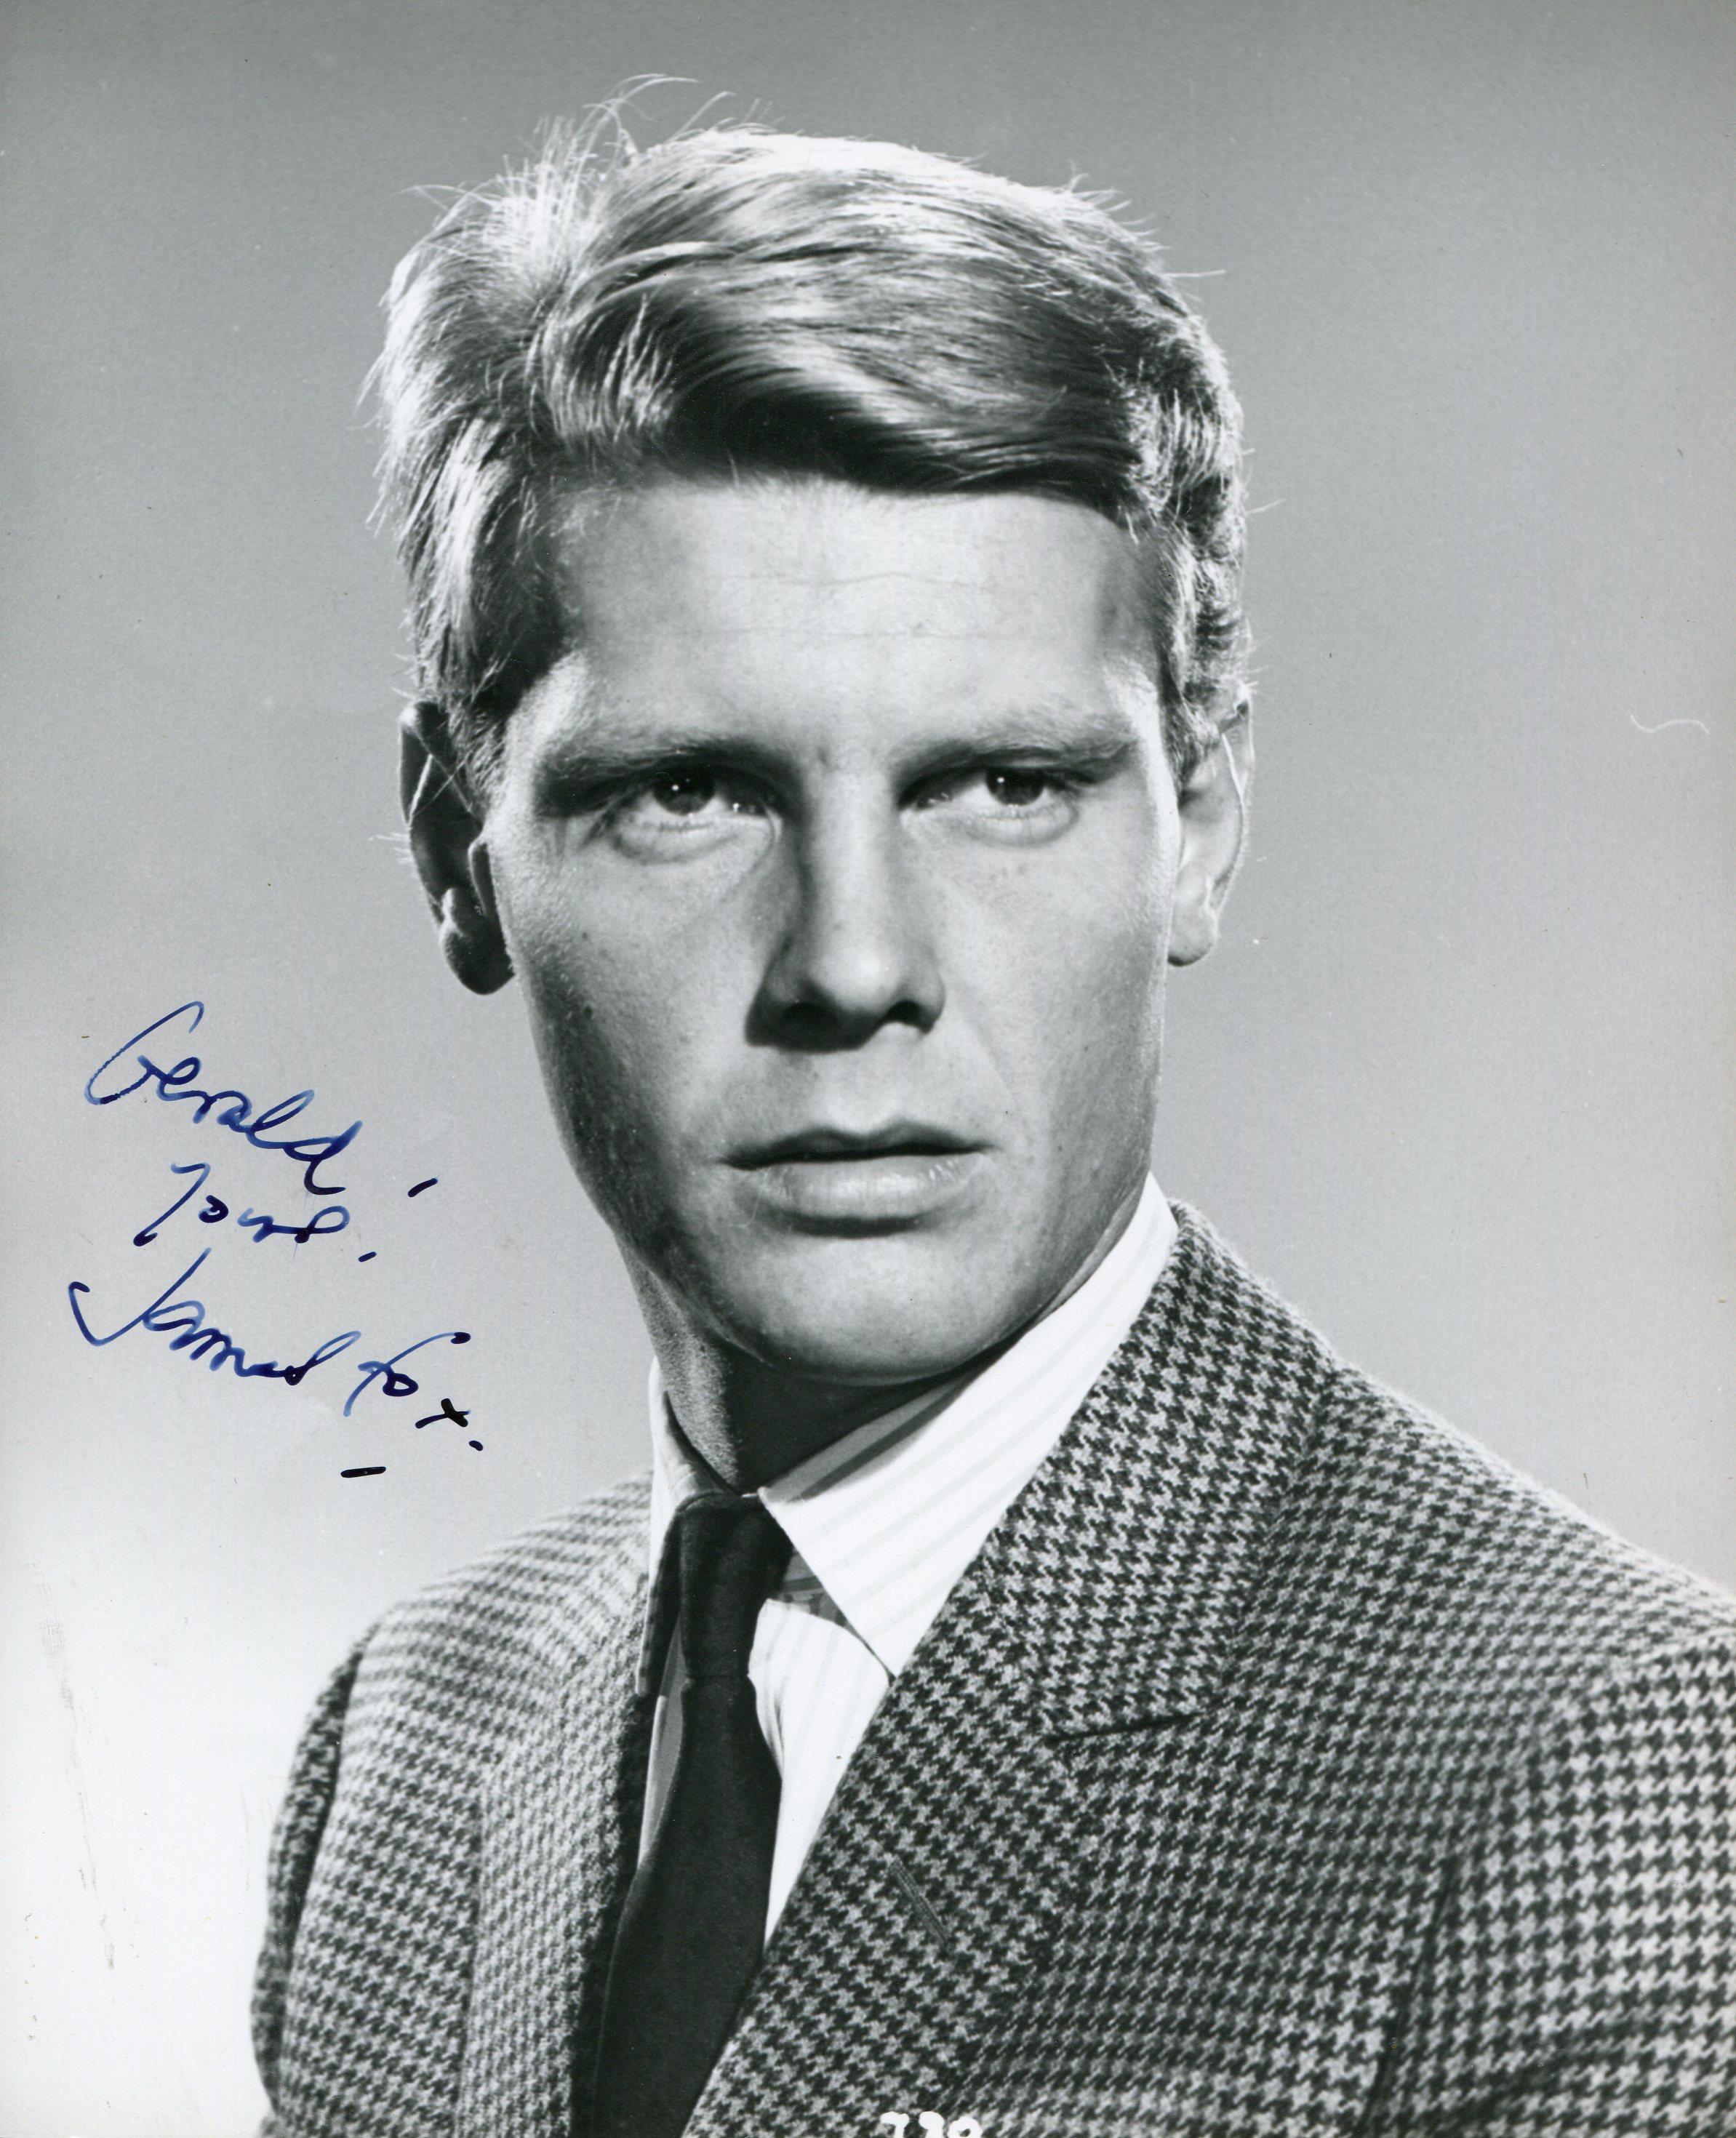 James Fox (born 1939)